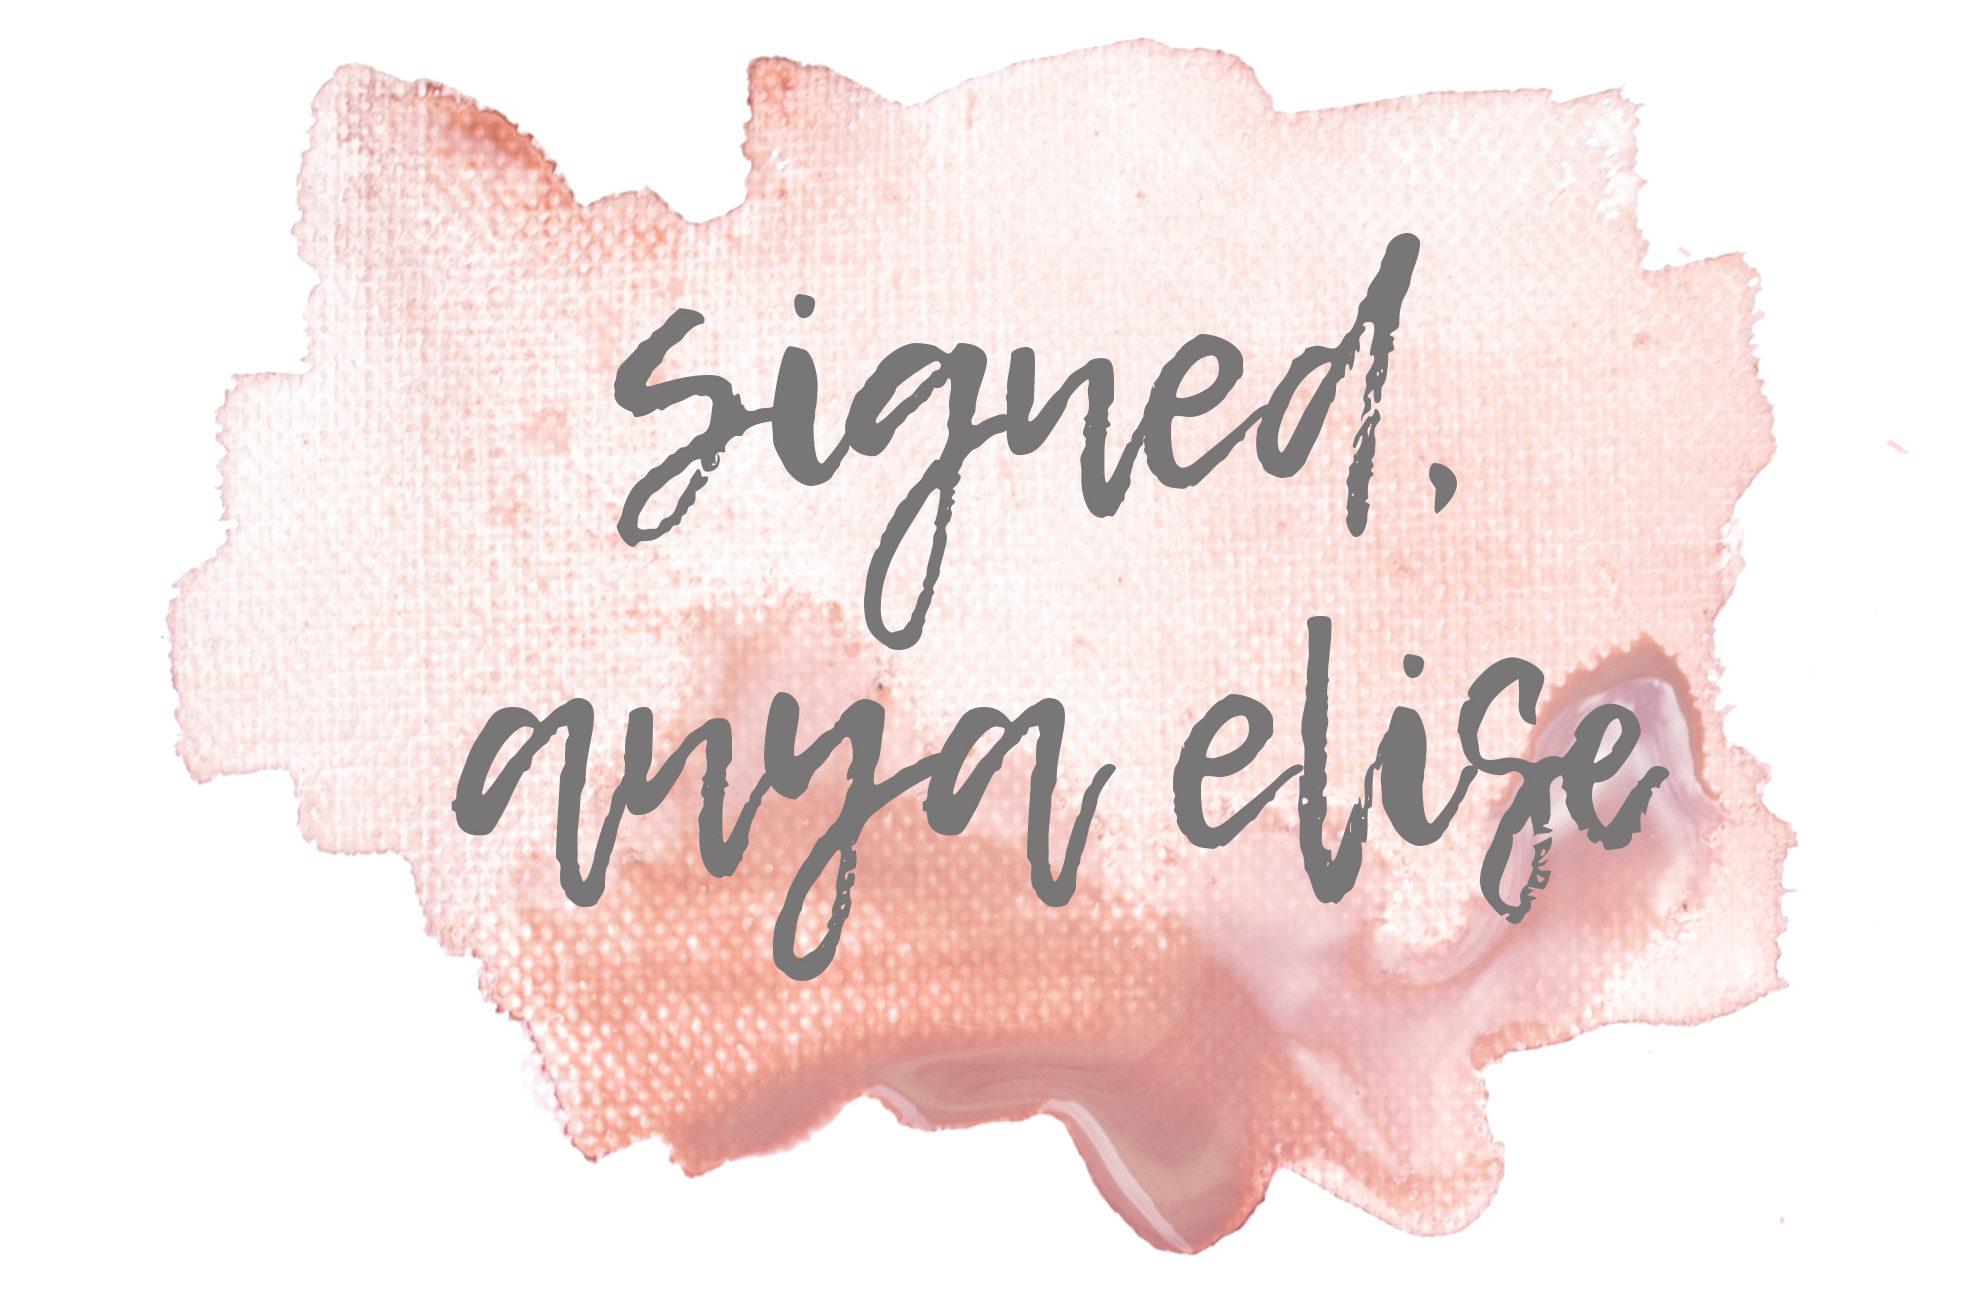 Signed, Anya Elise